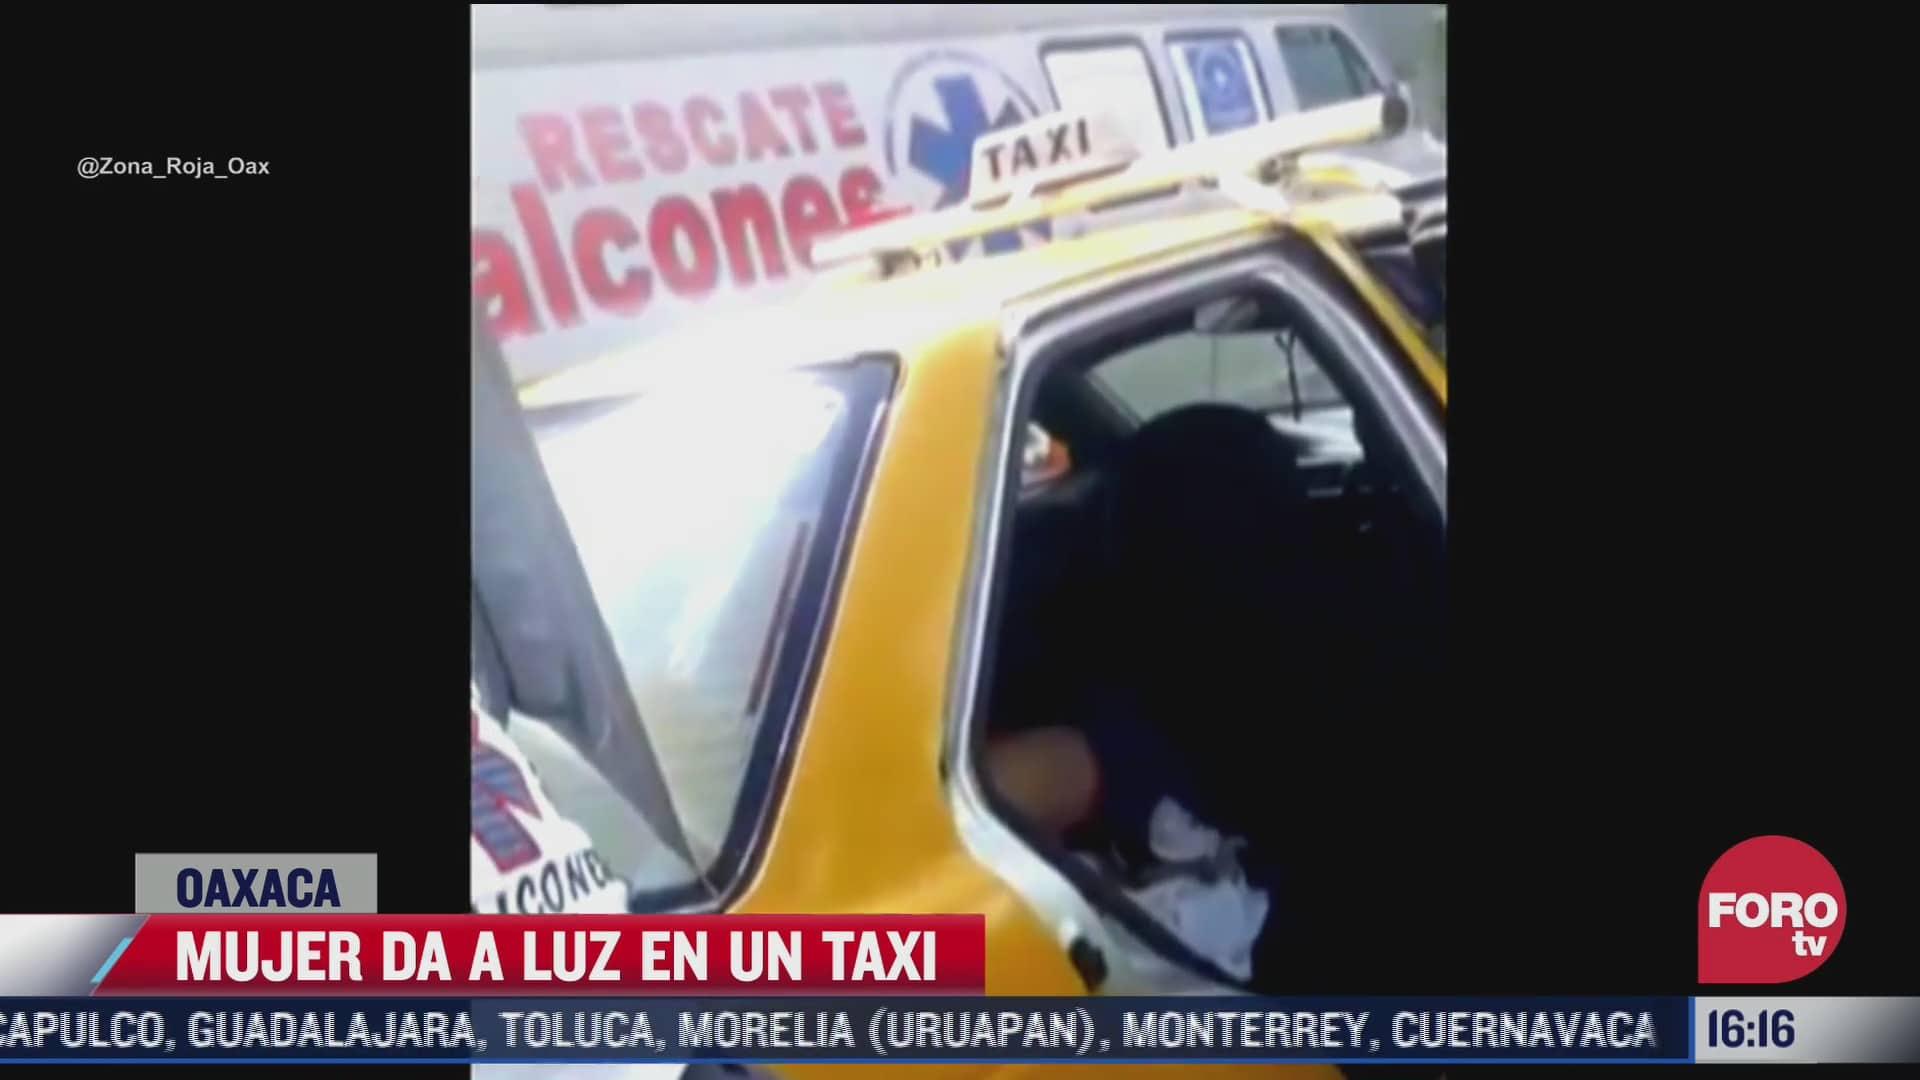 asi nacio un bebe abordo de un taxi en oaxaca